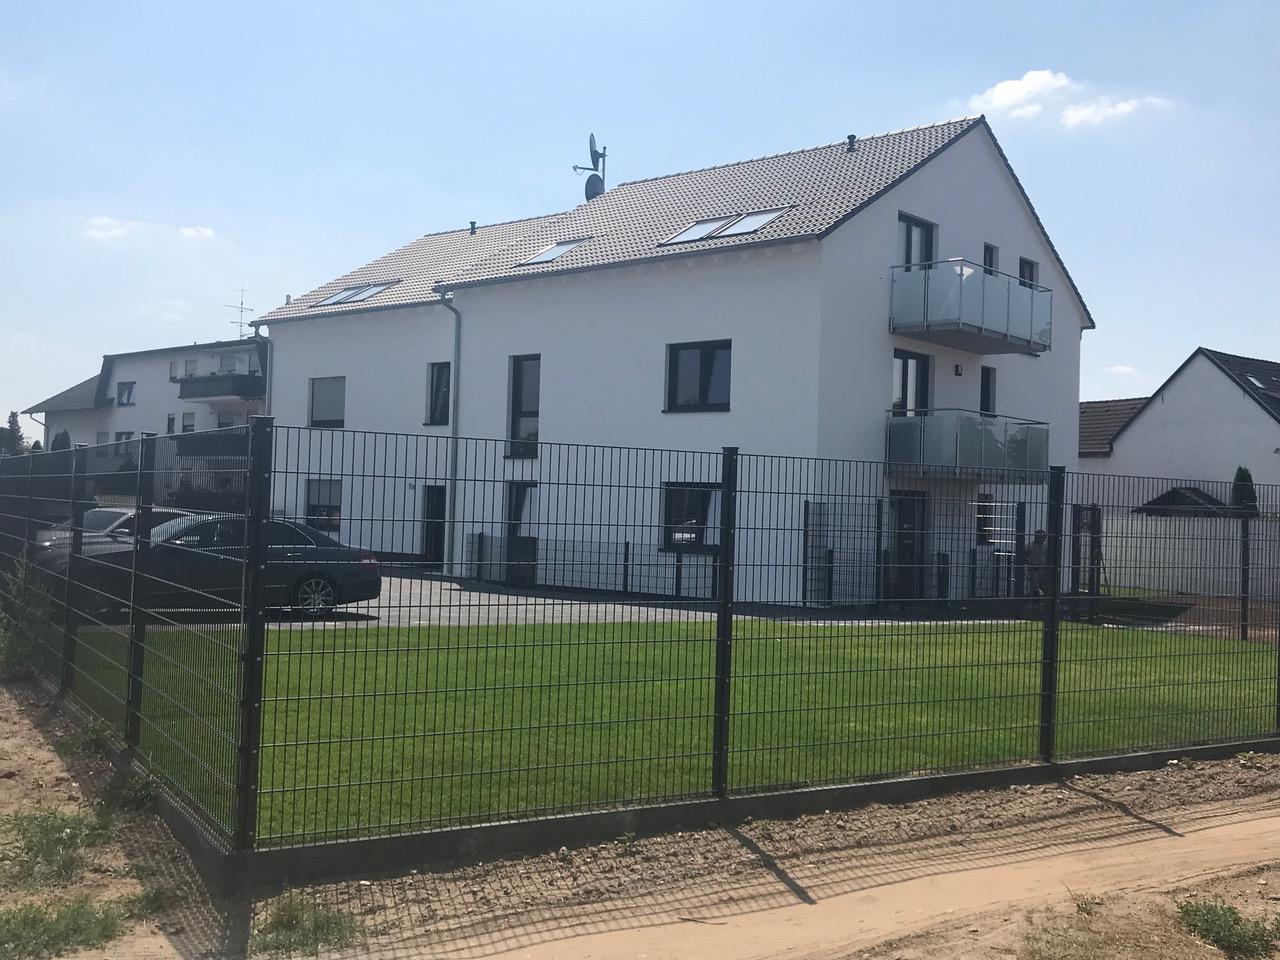 Einkeimerstr. in Mutterstadt 32 WEH